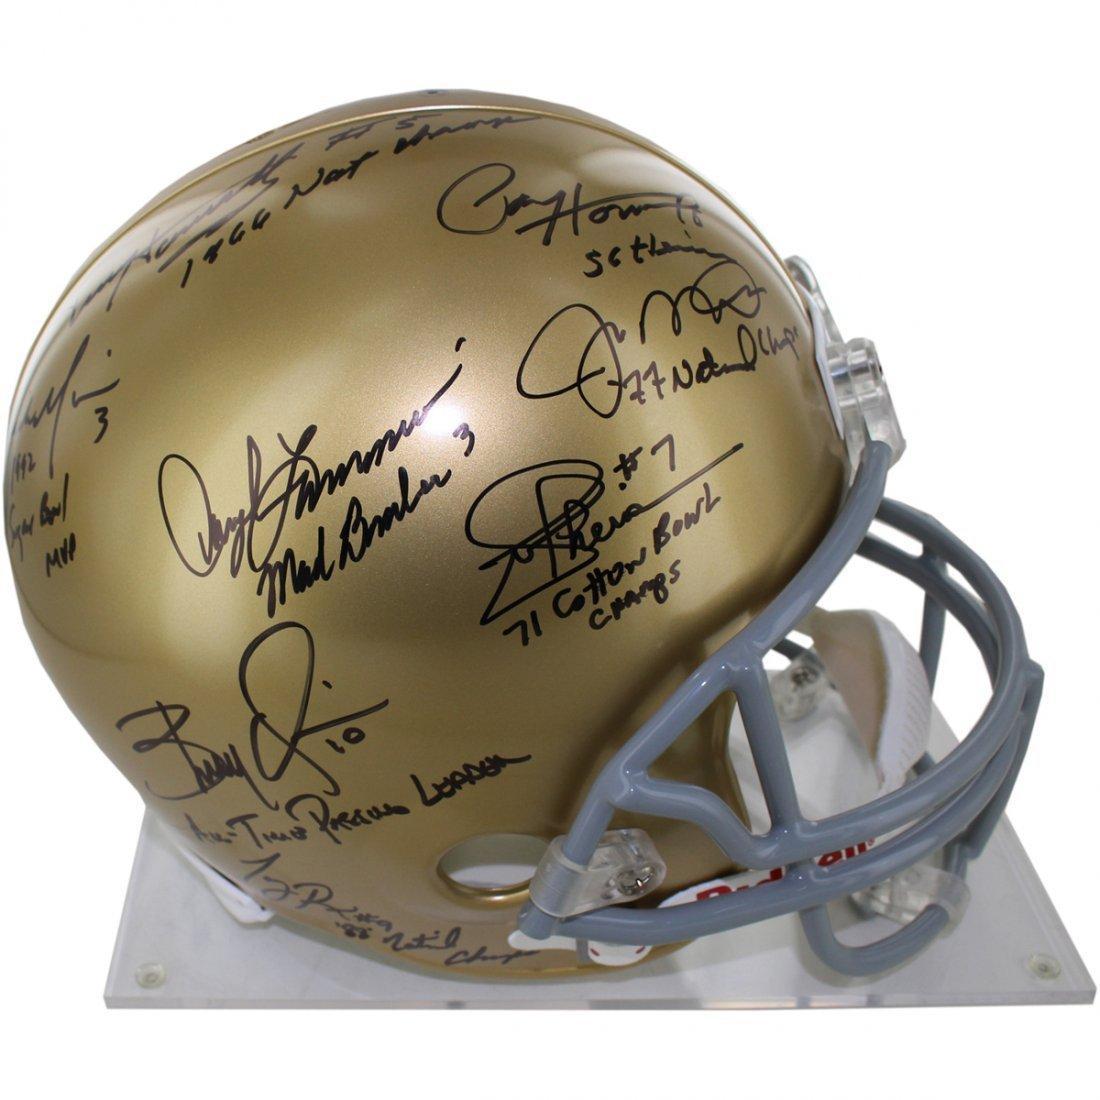 Notre Dame QB Legends 8 Signature Helmet w/Inscriptions